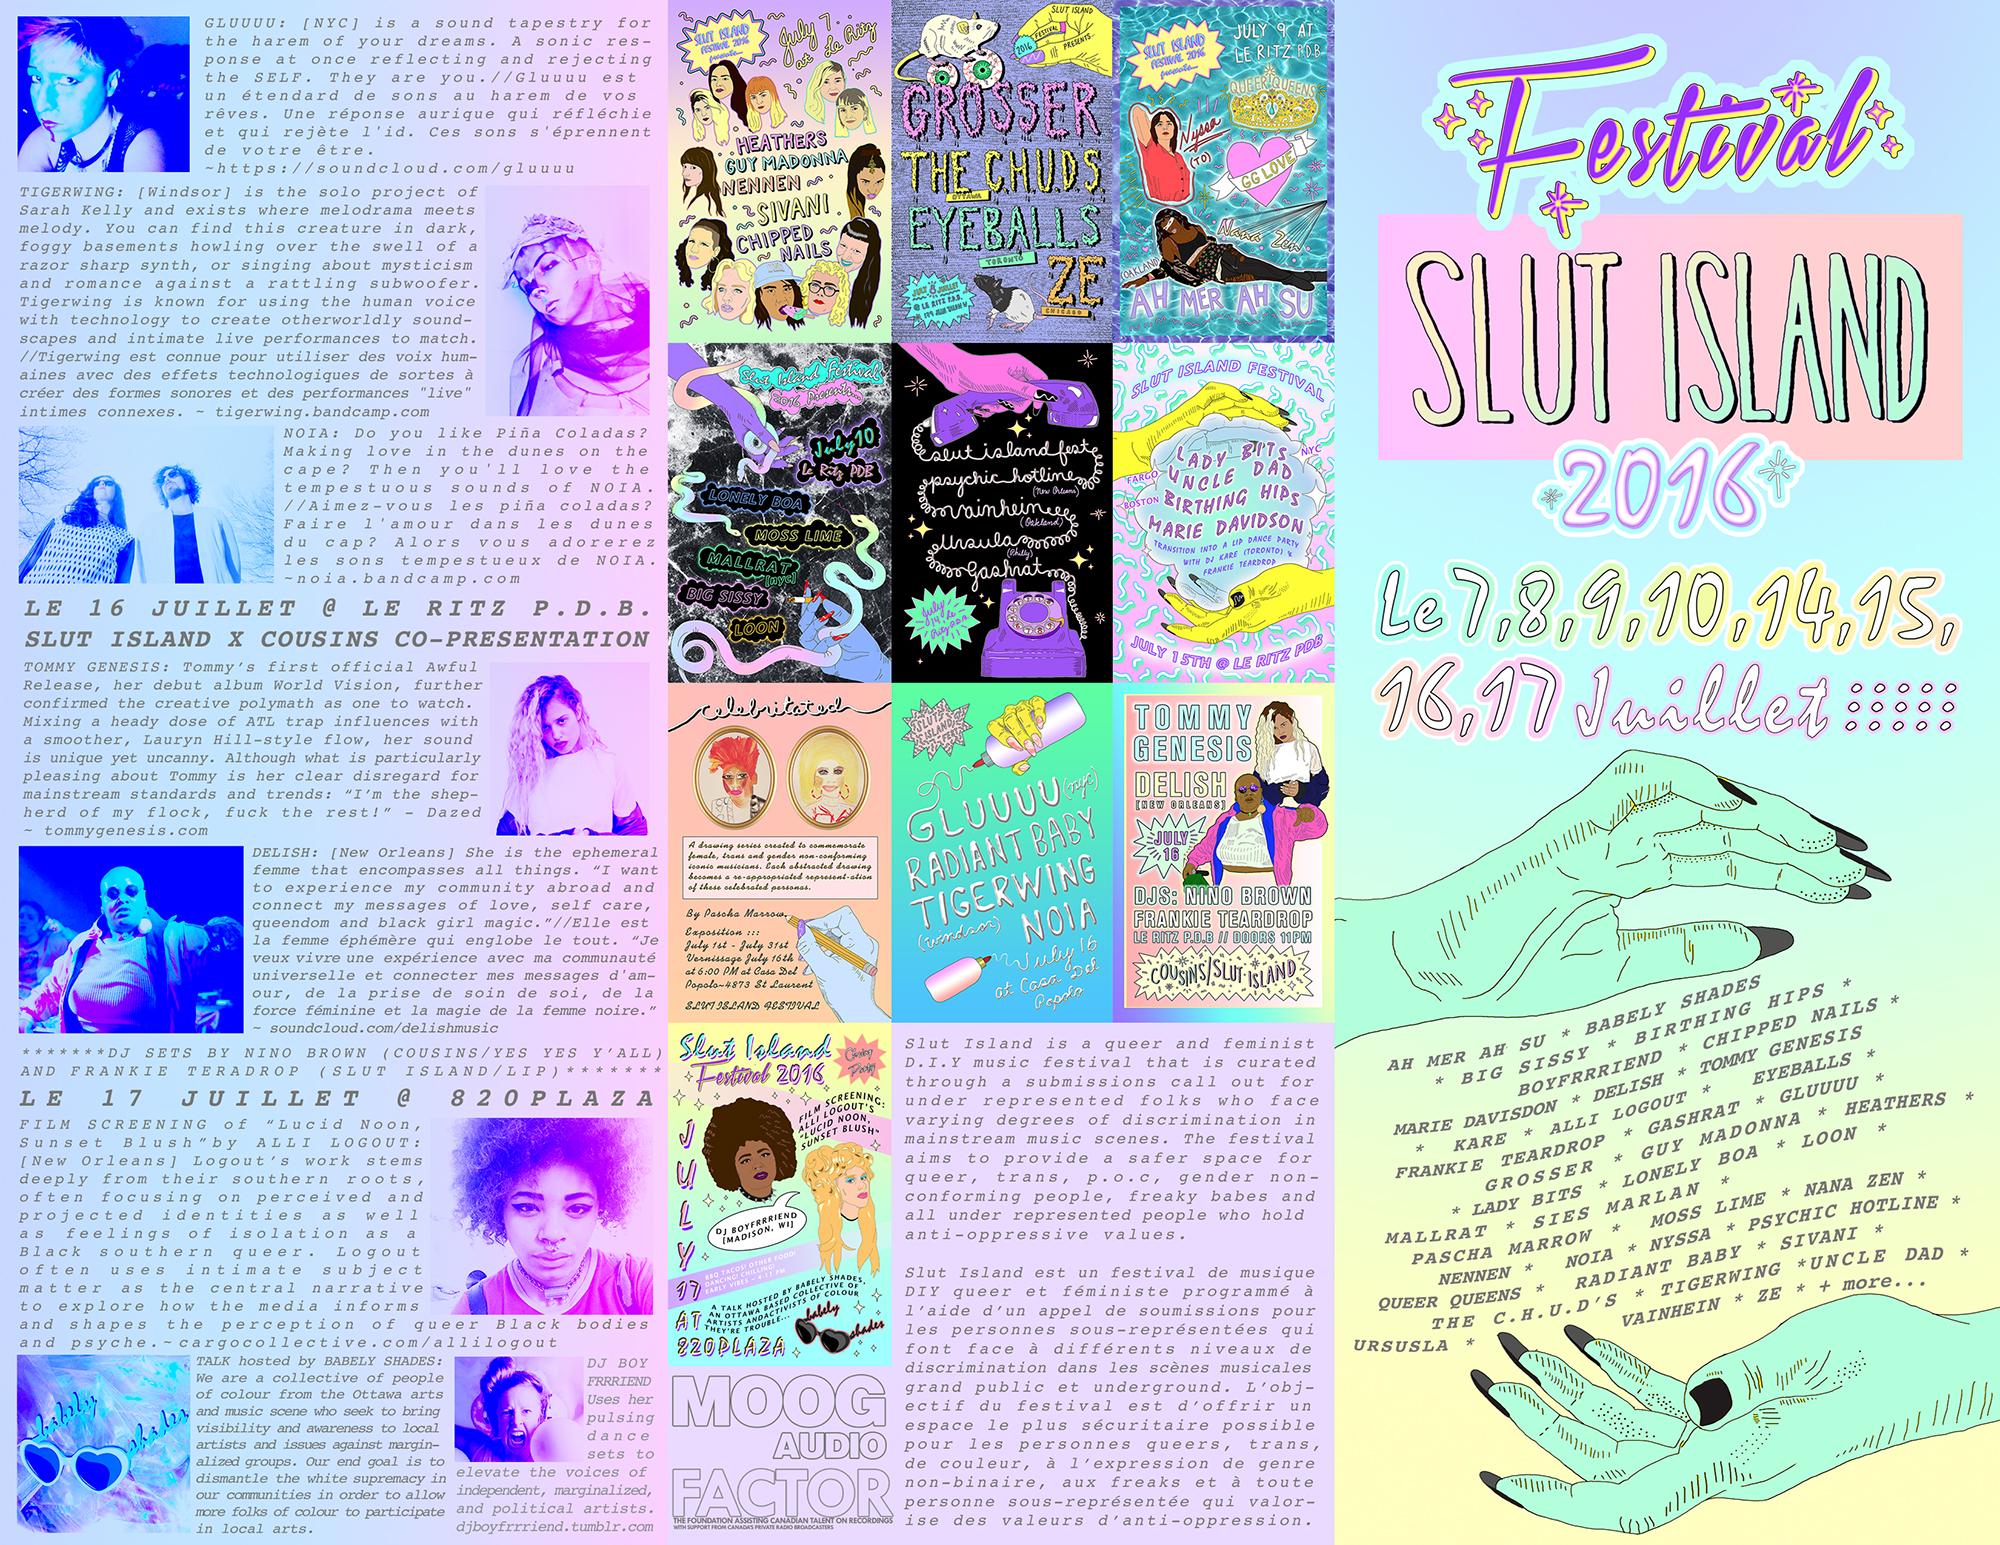 pamphlet SIDE 1--.jpg